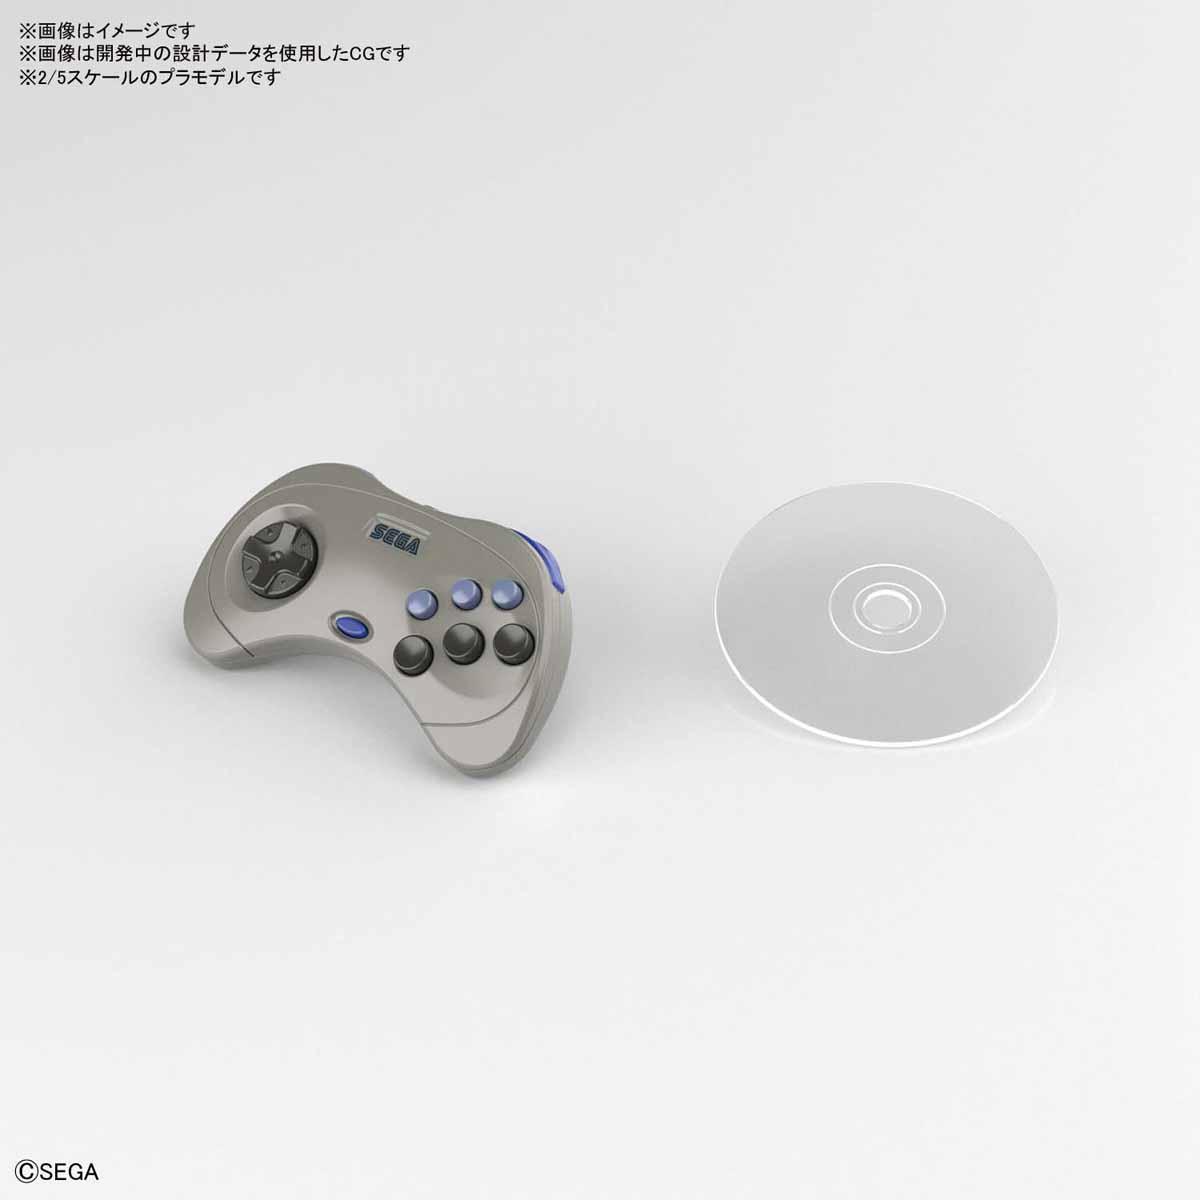 BEST HIT CHRONICLE『セガサターン(HST-3200)』2/5 プラモデル-003